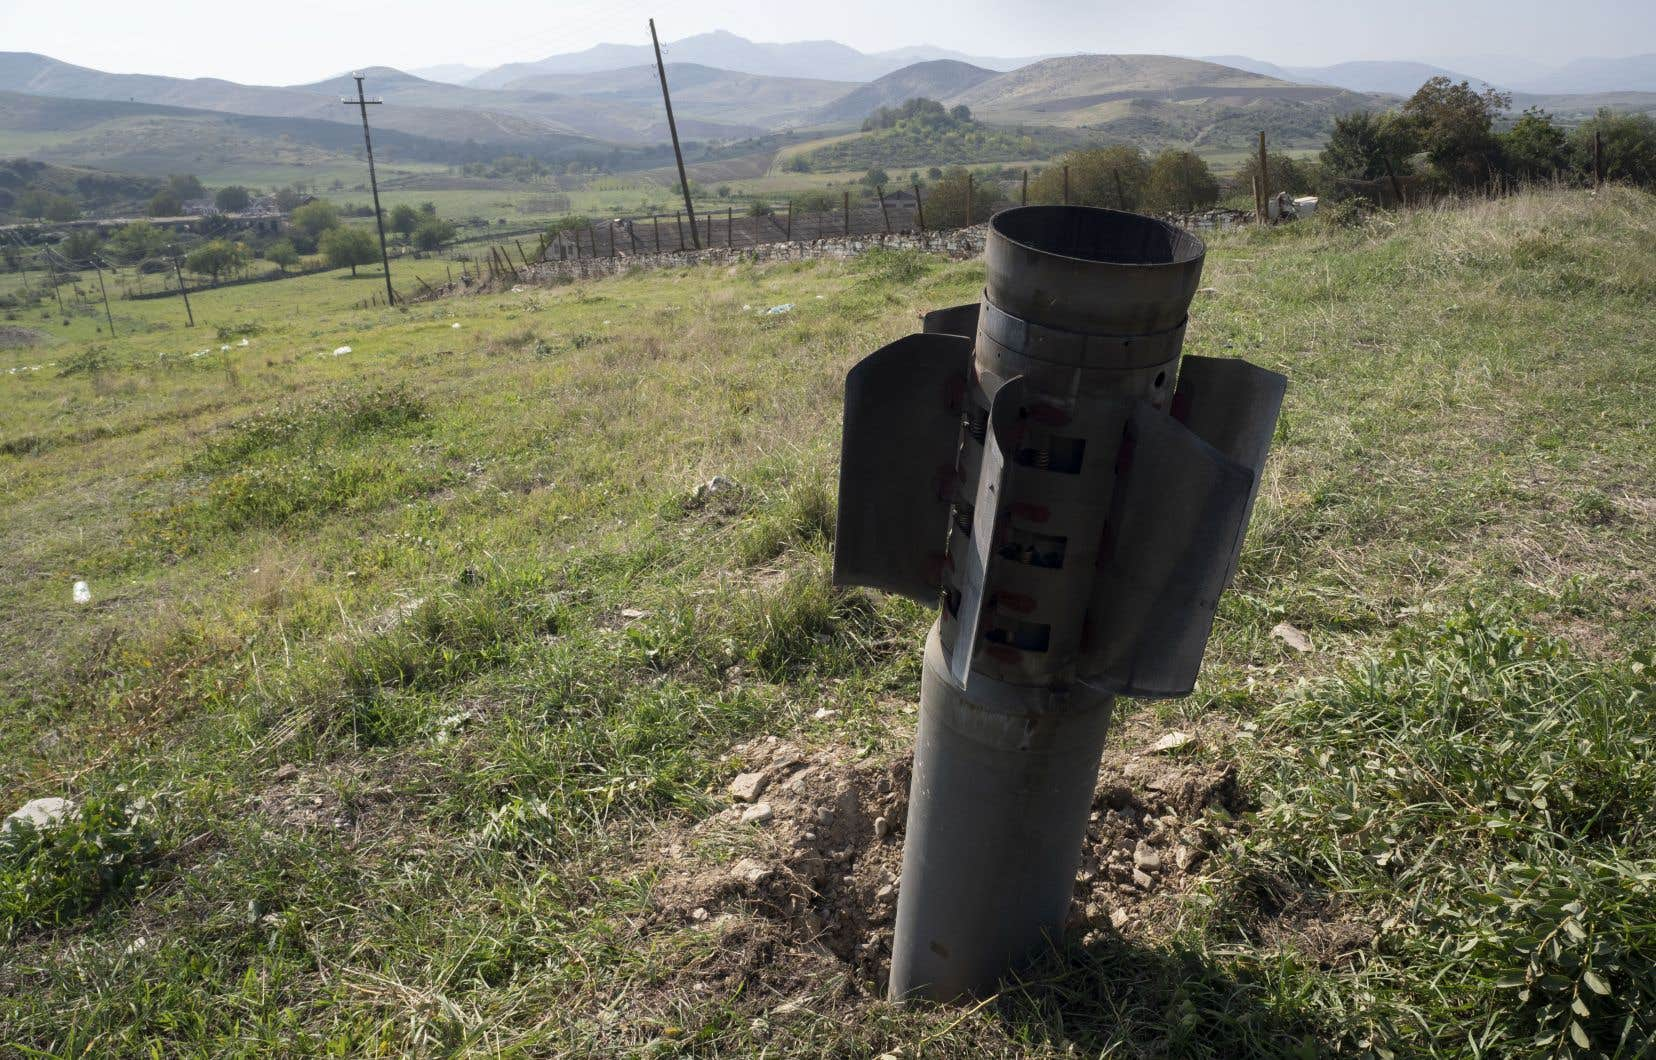 Les restes d'une roquette près de la ville de Martuni, dans la région séparatiste du Haut-Karabakh, le mercredi 14 octobre 2020.